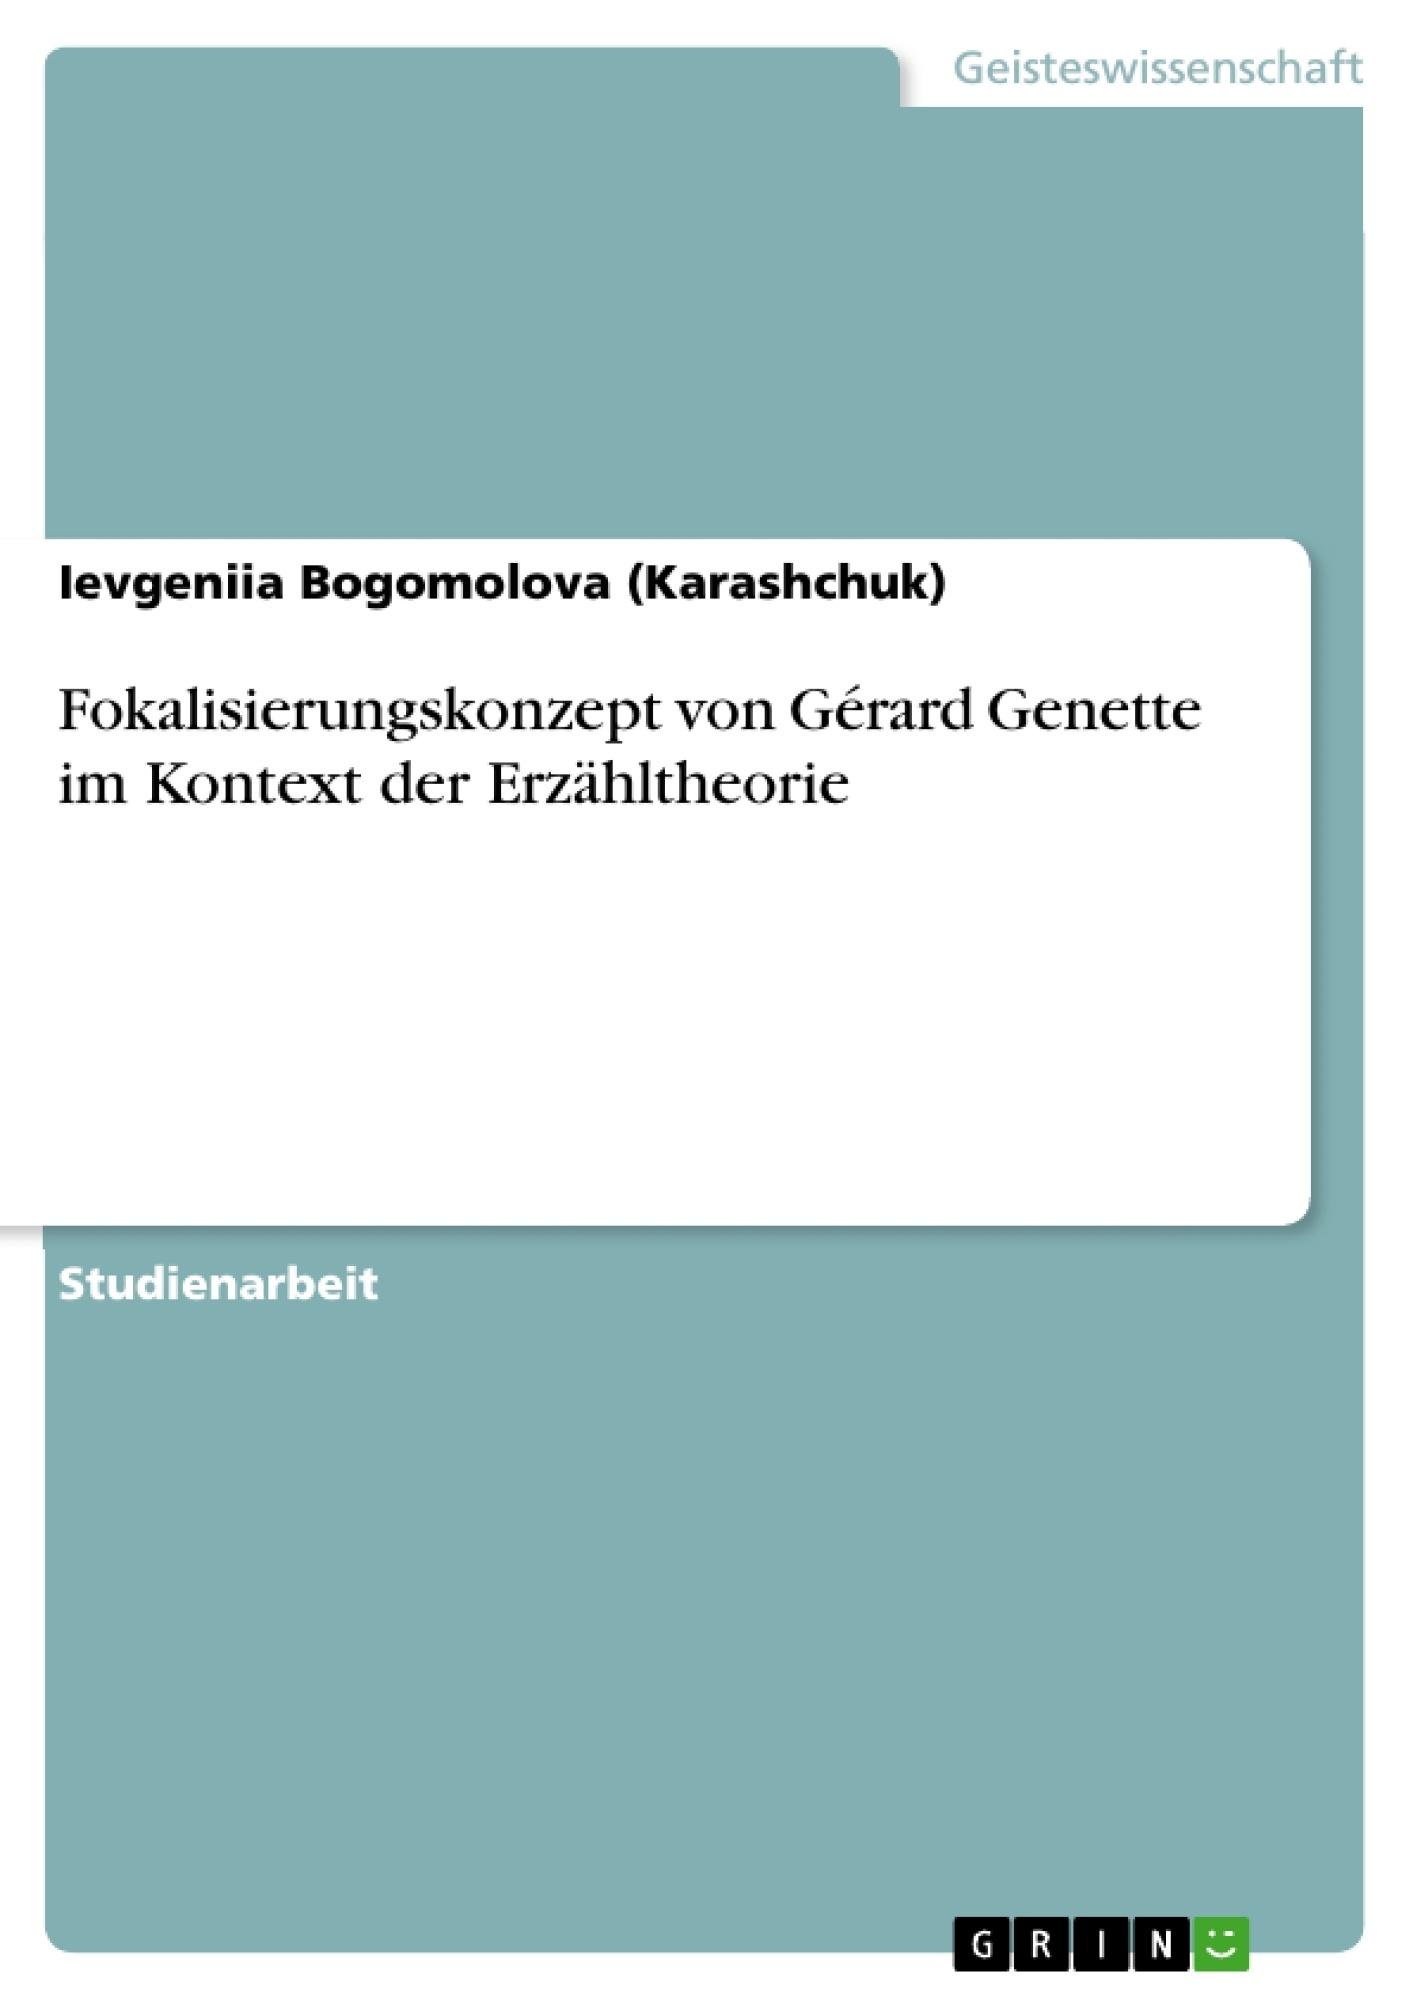 Titel: Fokalisierungskonzept von Gérard Genette im Kontext der Erzähltheorie